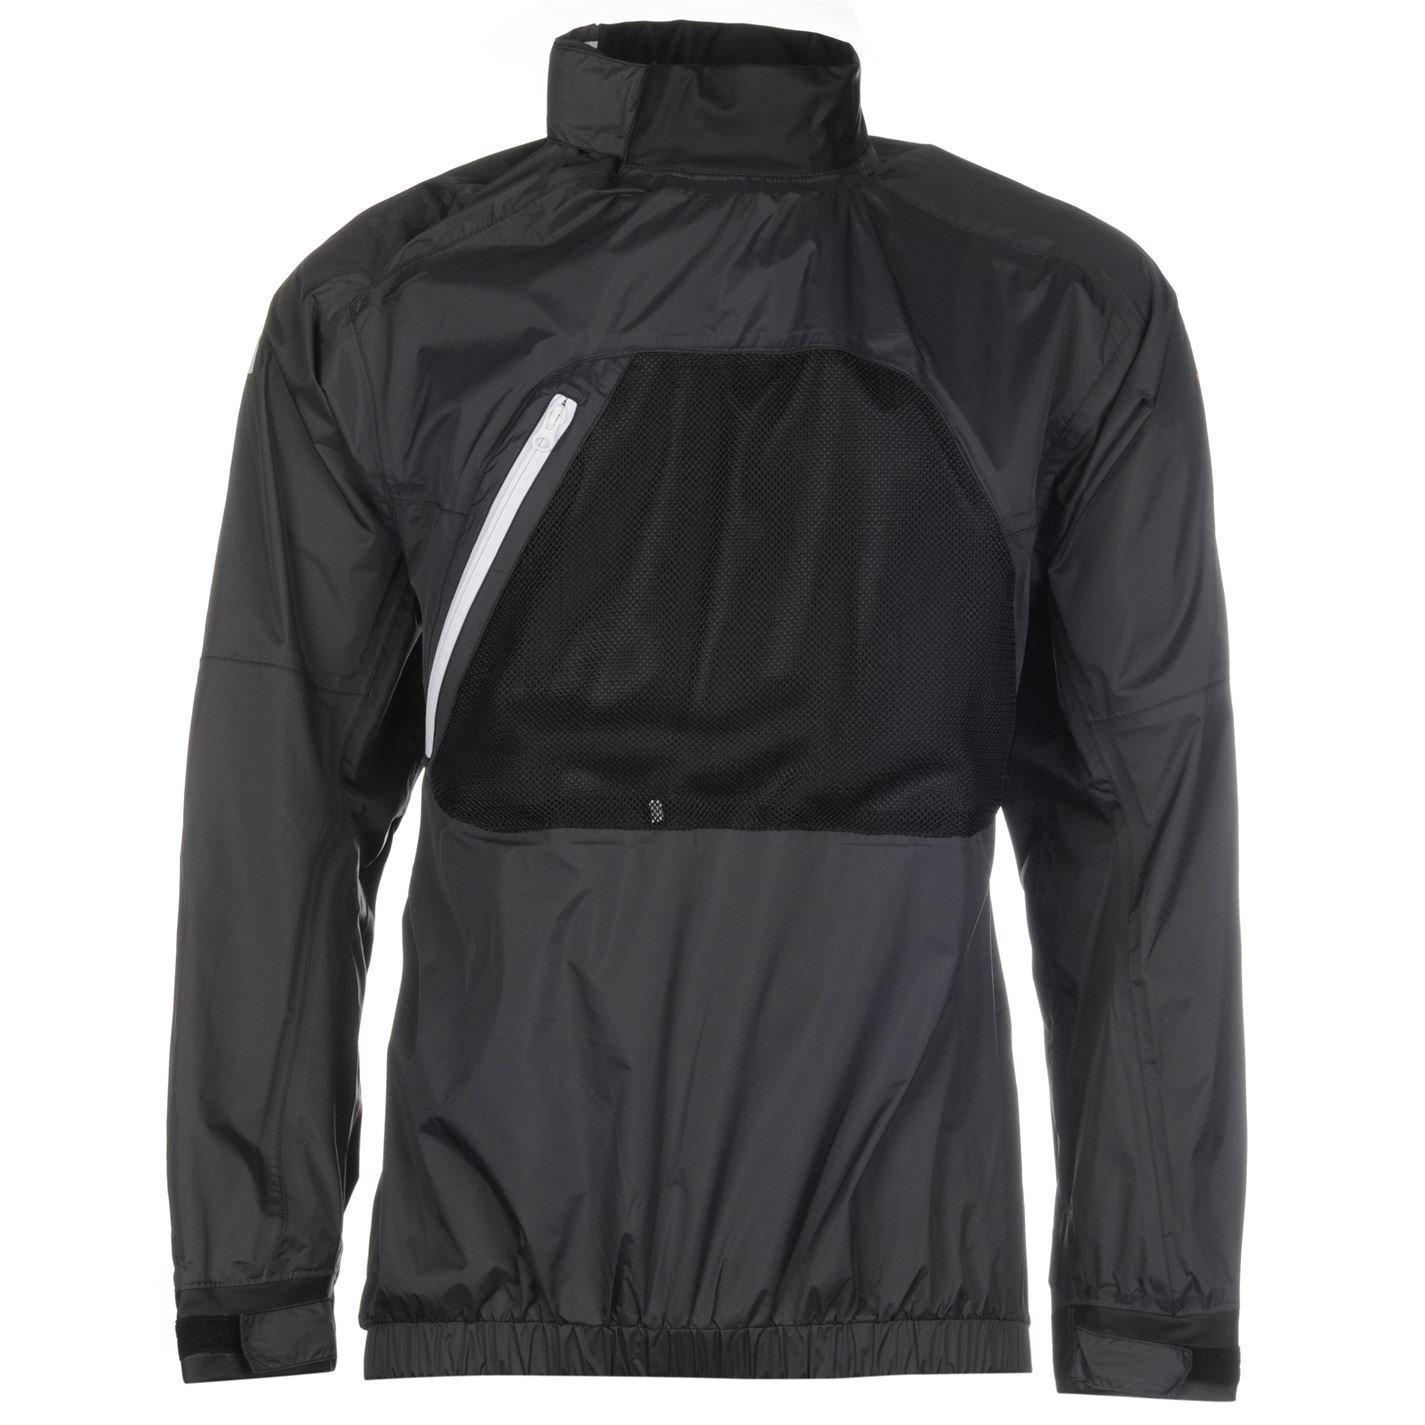 Helly Hansen Mens Dinghy Smk Top Waterproof Jacket Long Sleeve Coat Clothing